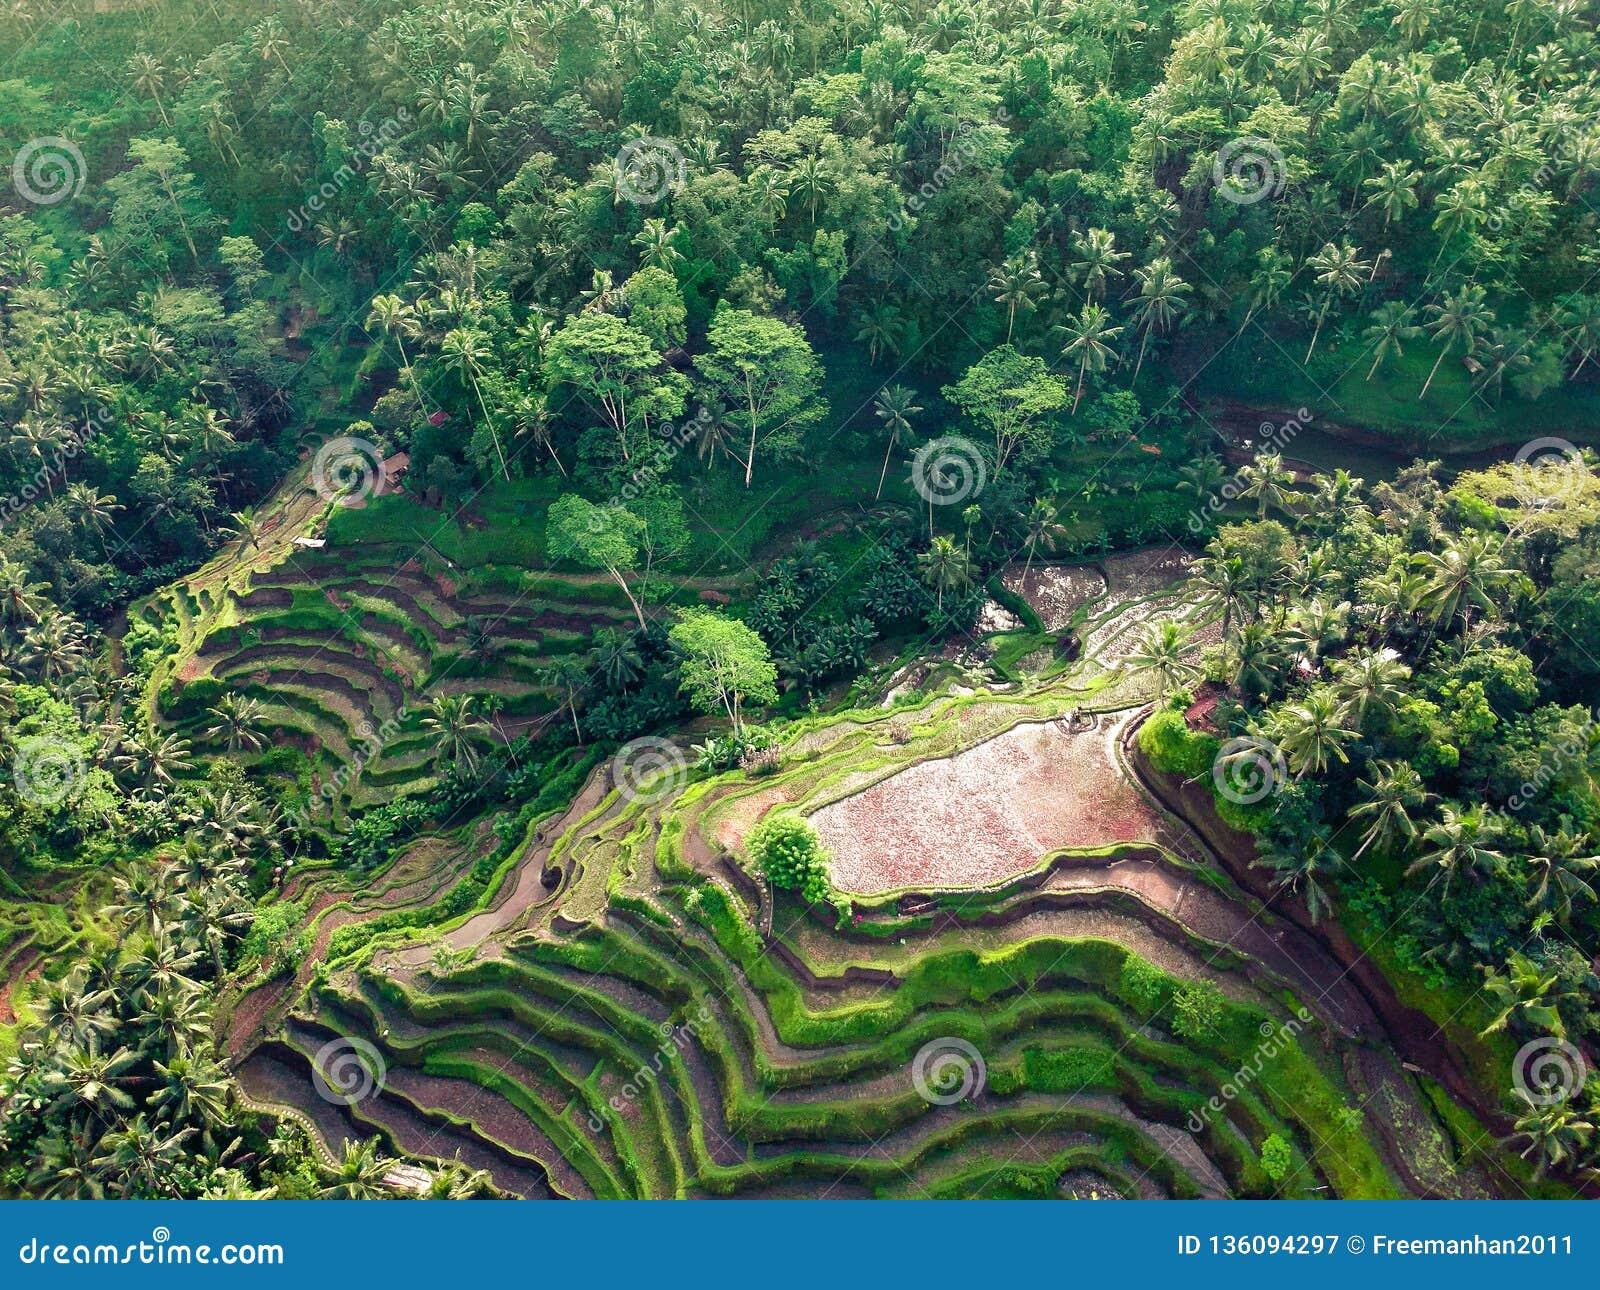 Vistas bonitas de terraços do arroz no fundo da selva